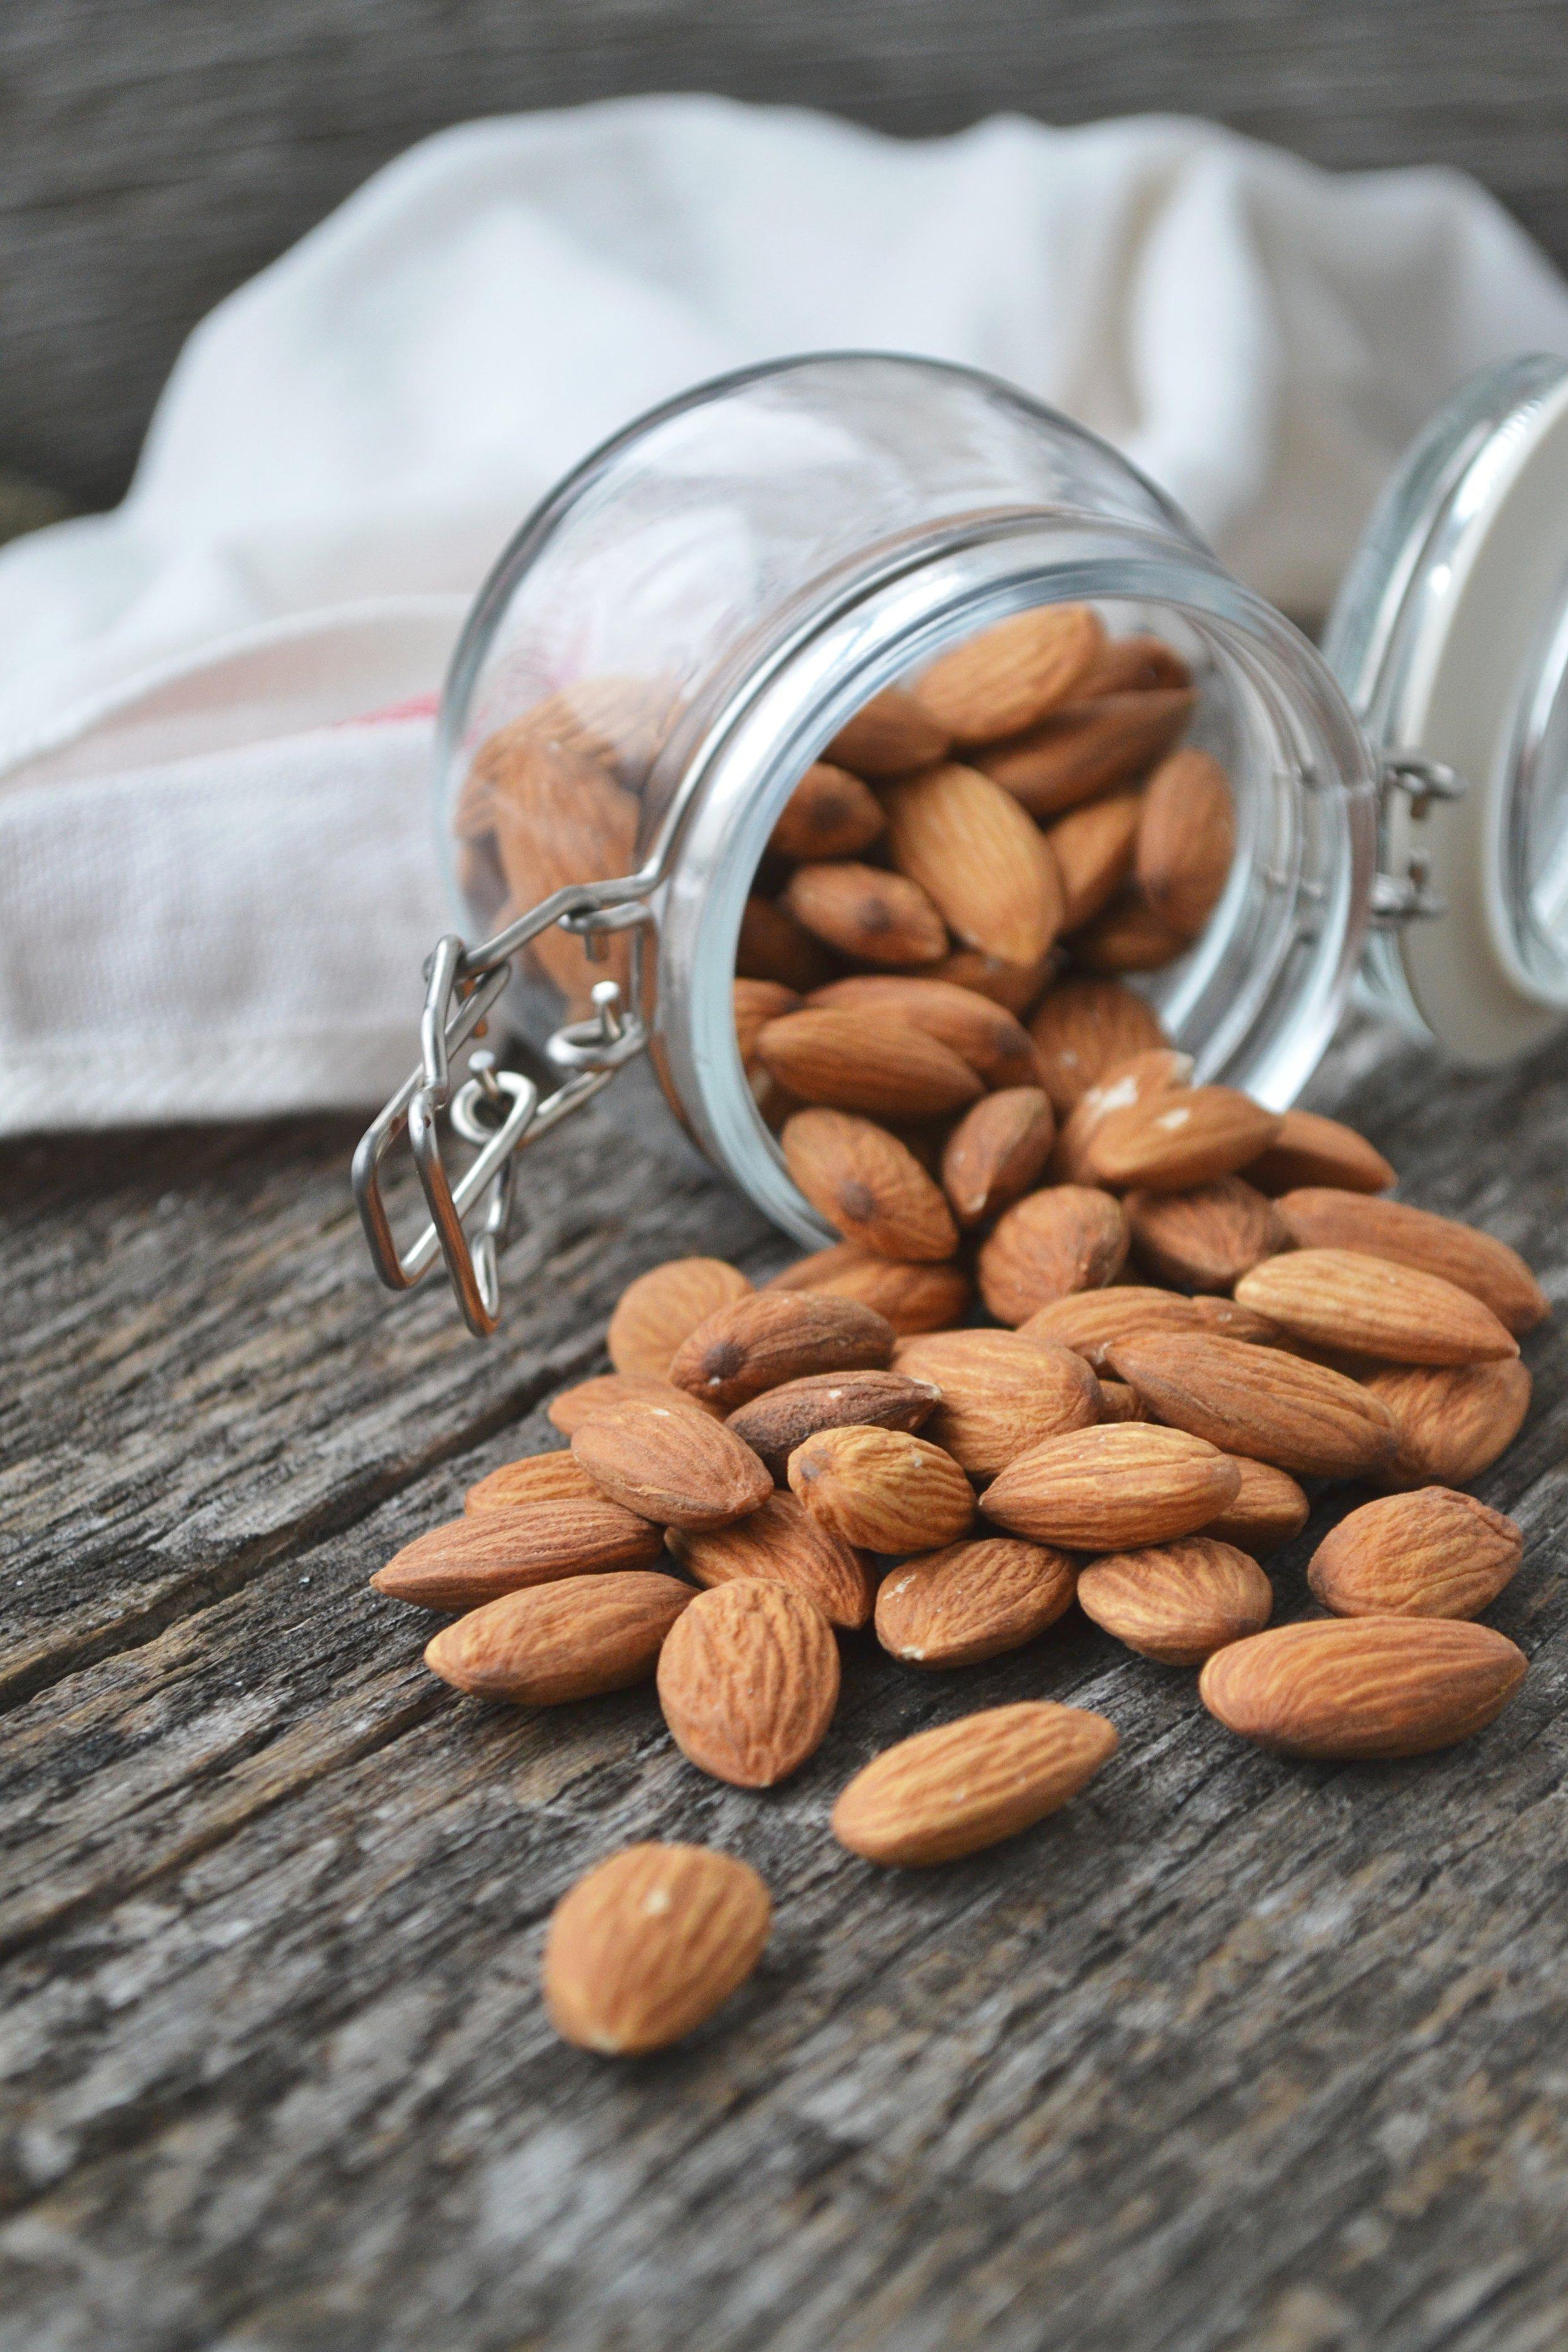 Easy Peazy Nut Snack